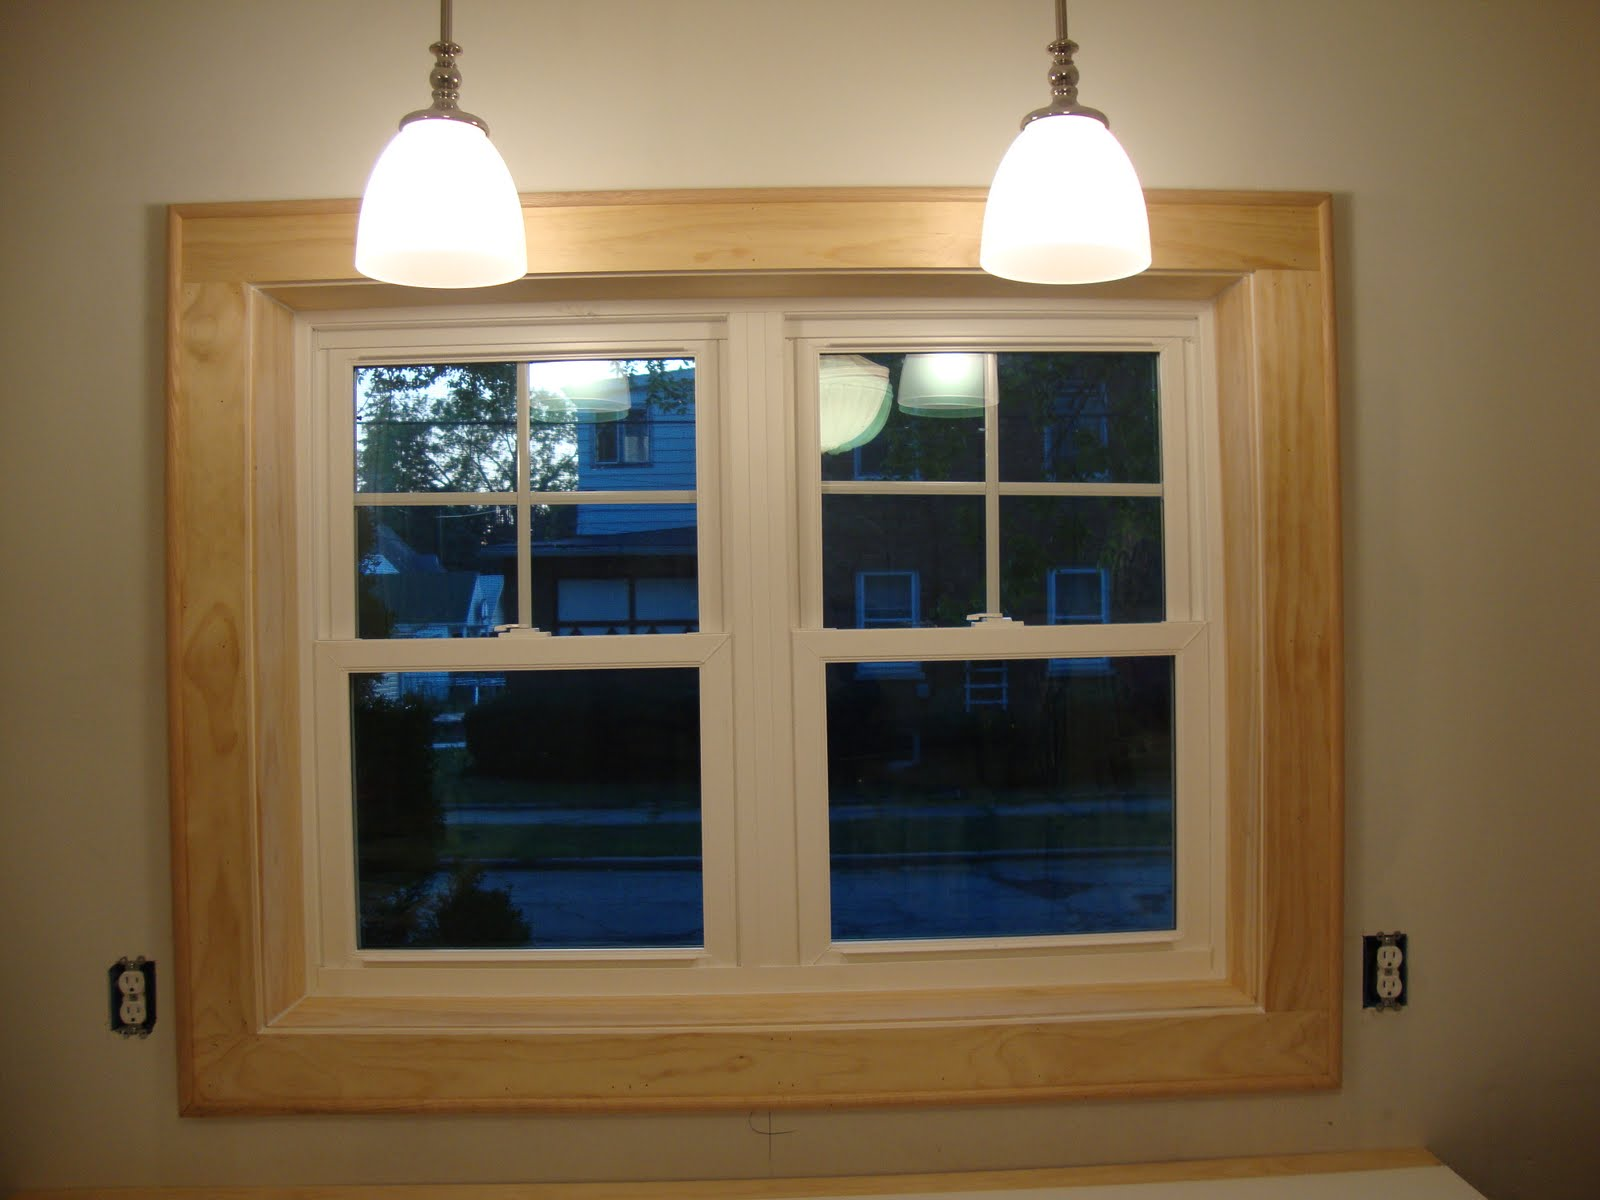 Interior kitchen window trim photos for Kitchen window